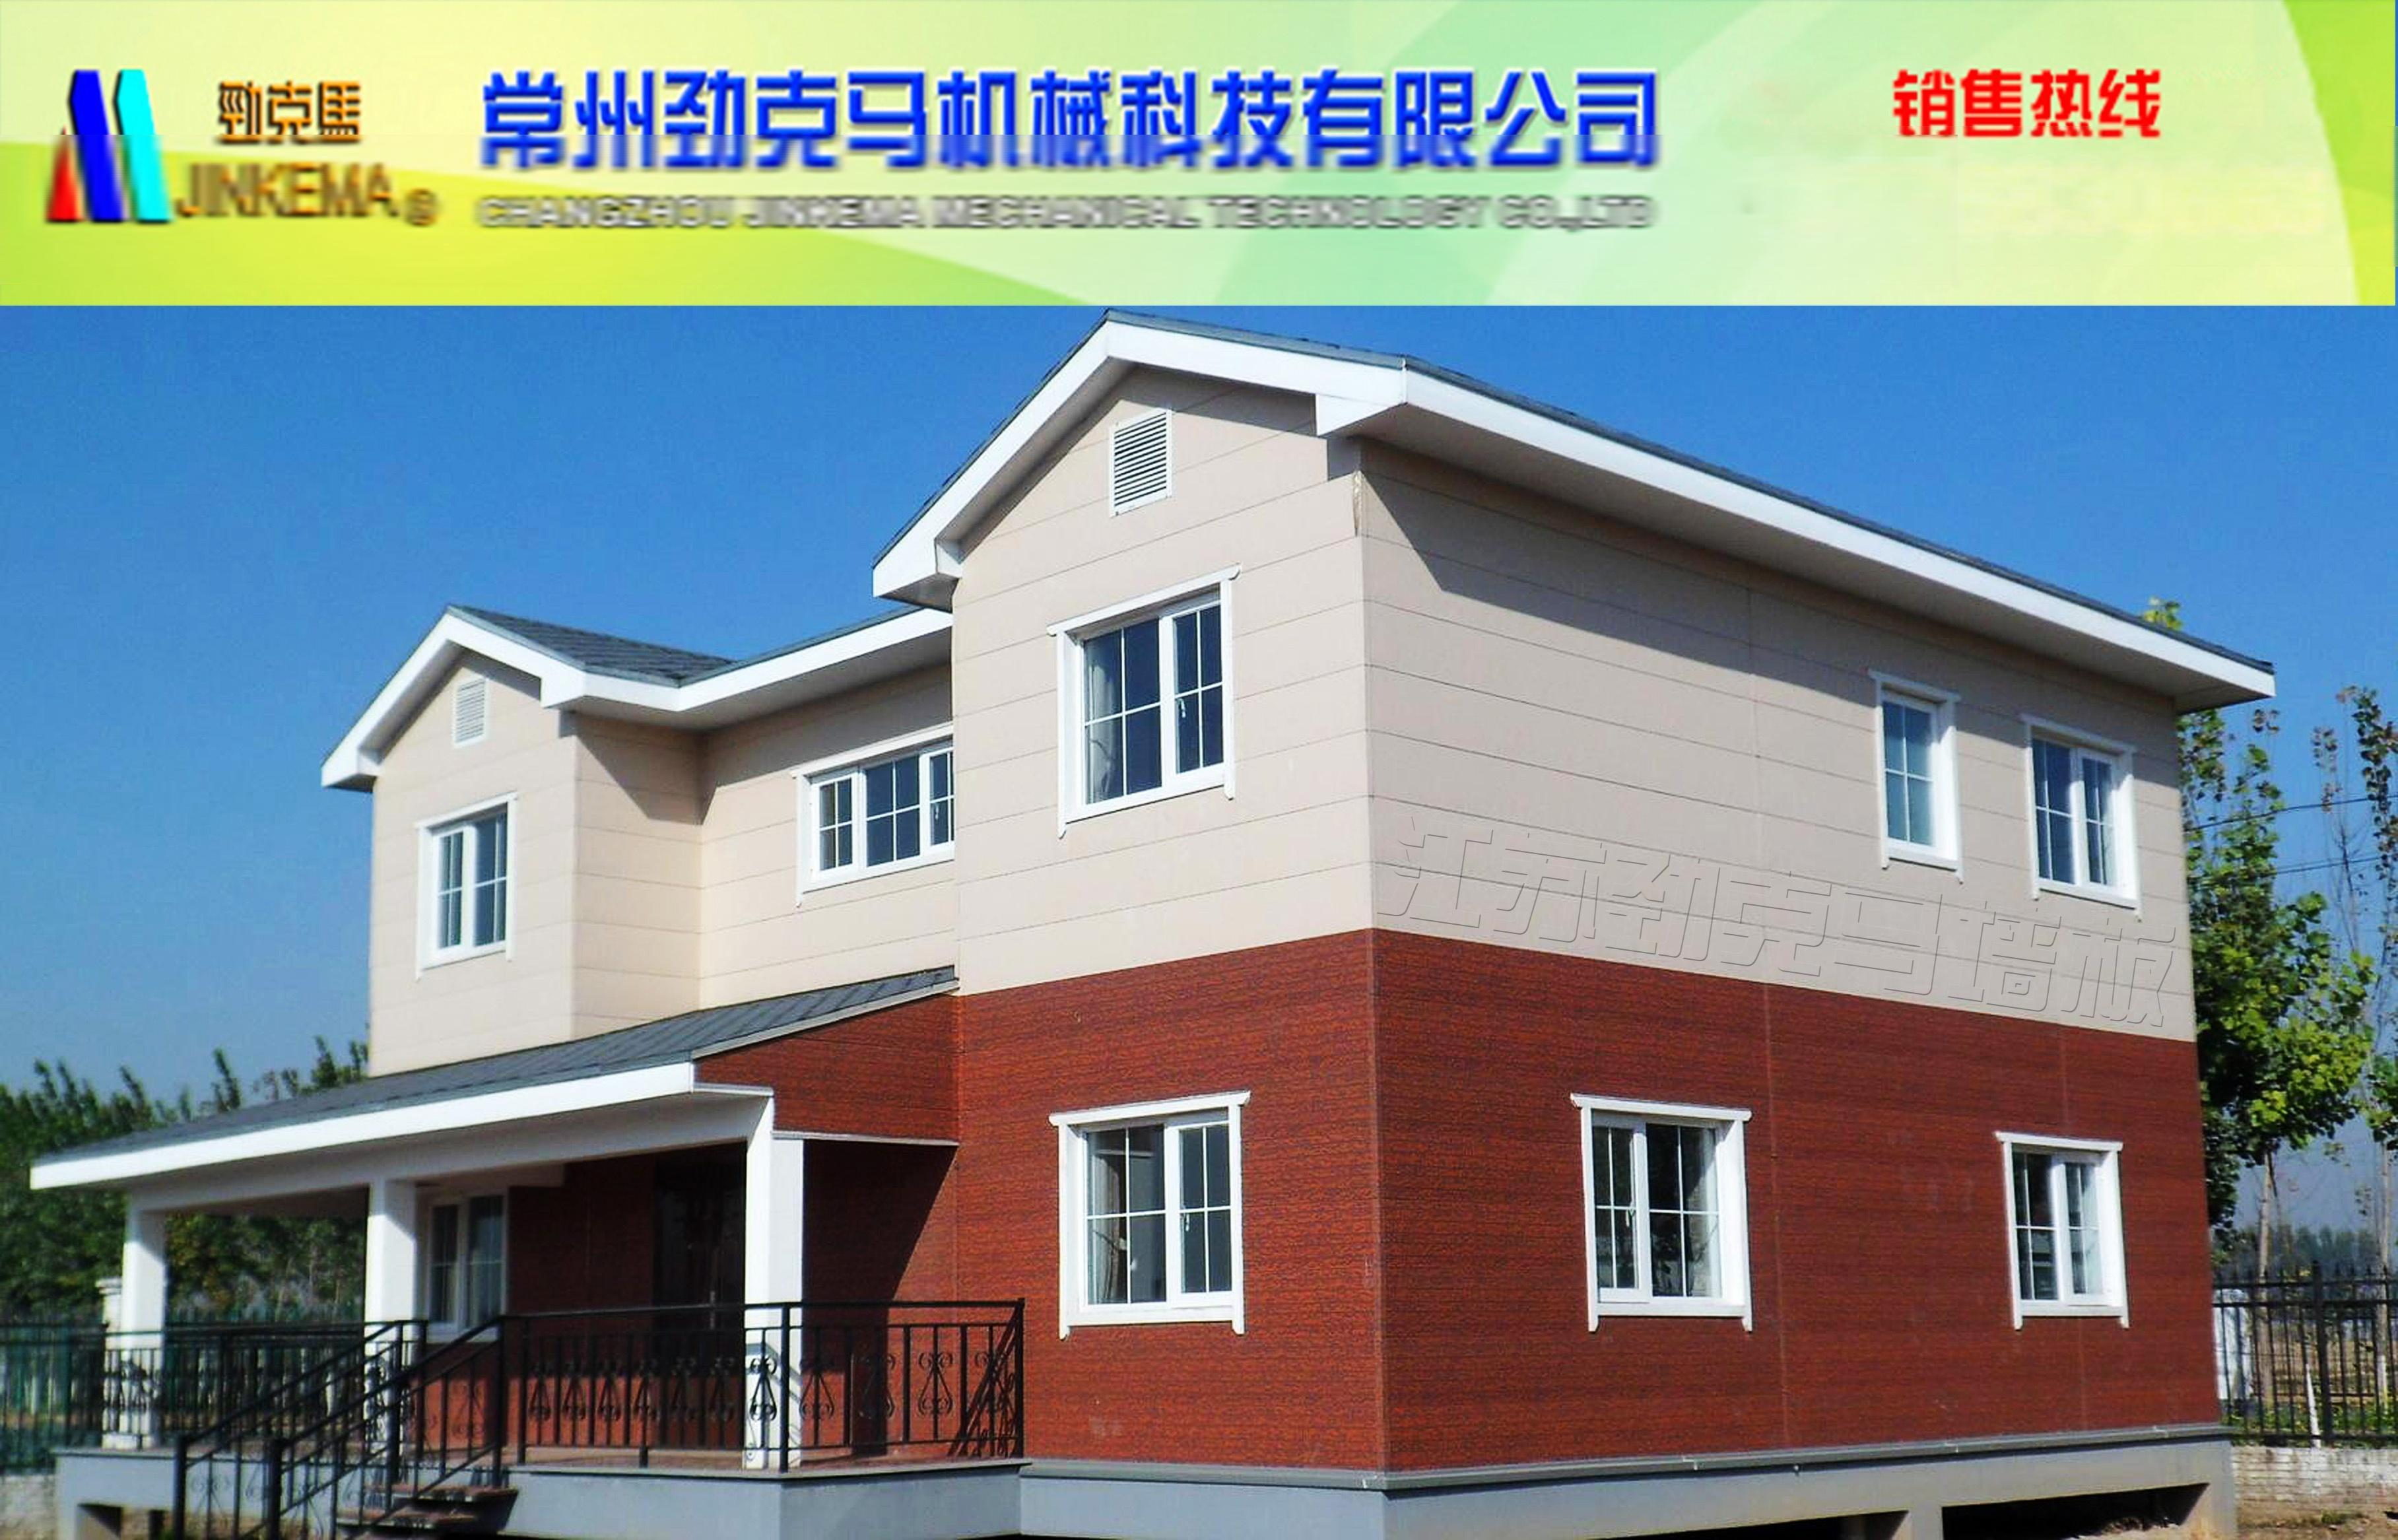 钢结构别墅外墙保温装饰板 金属雕花面聚氨酯芯材墙板